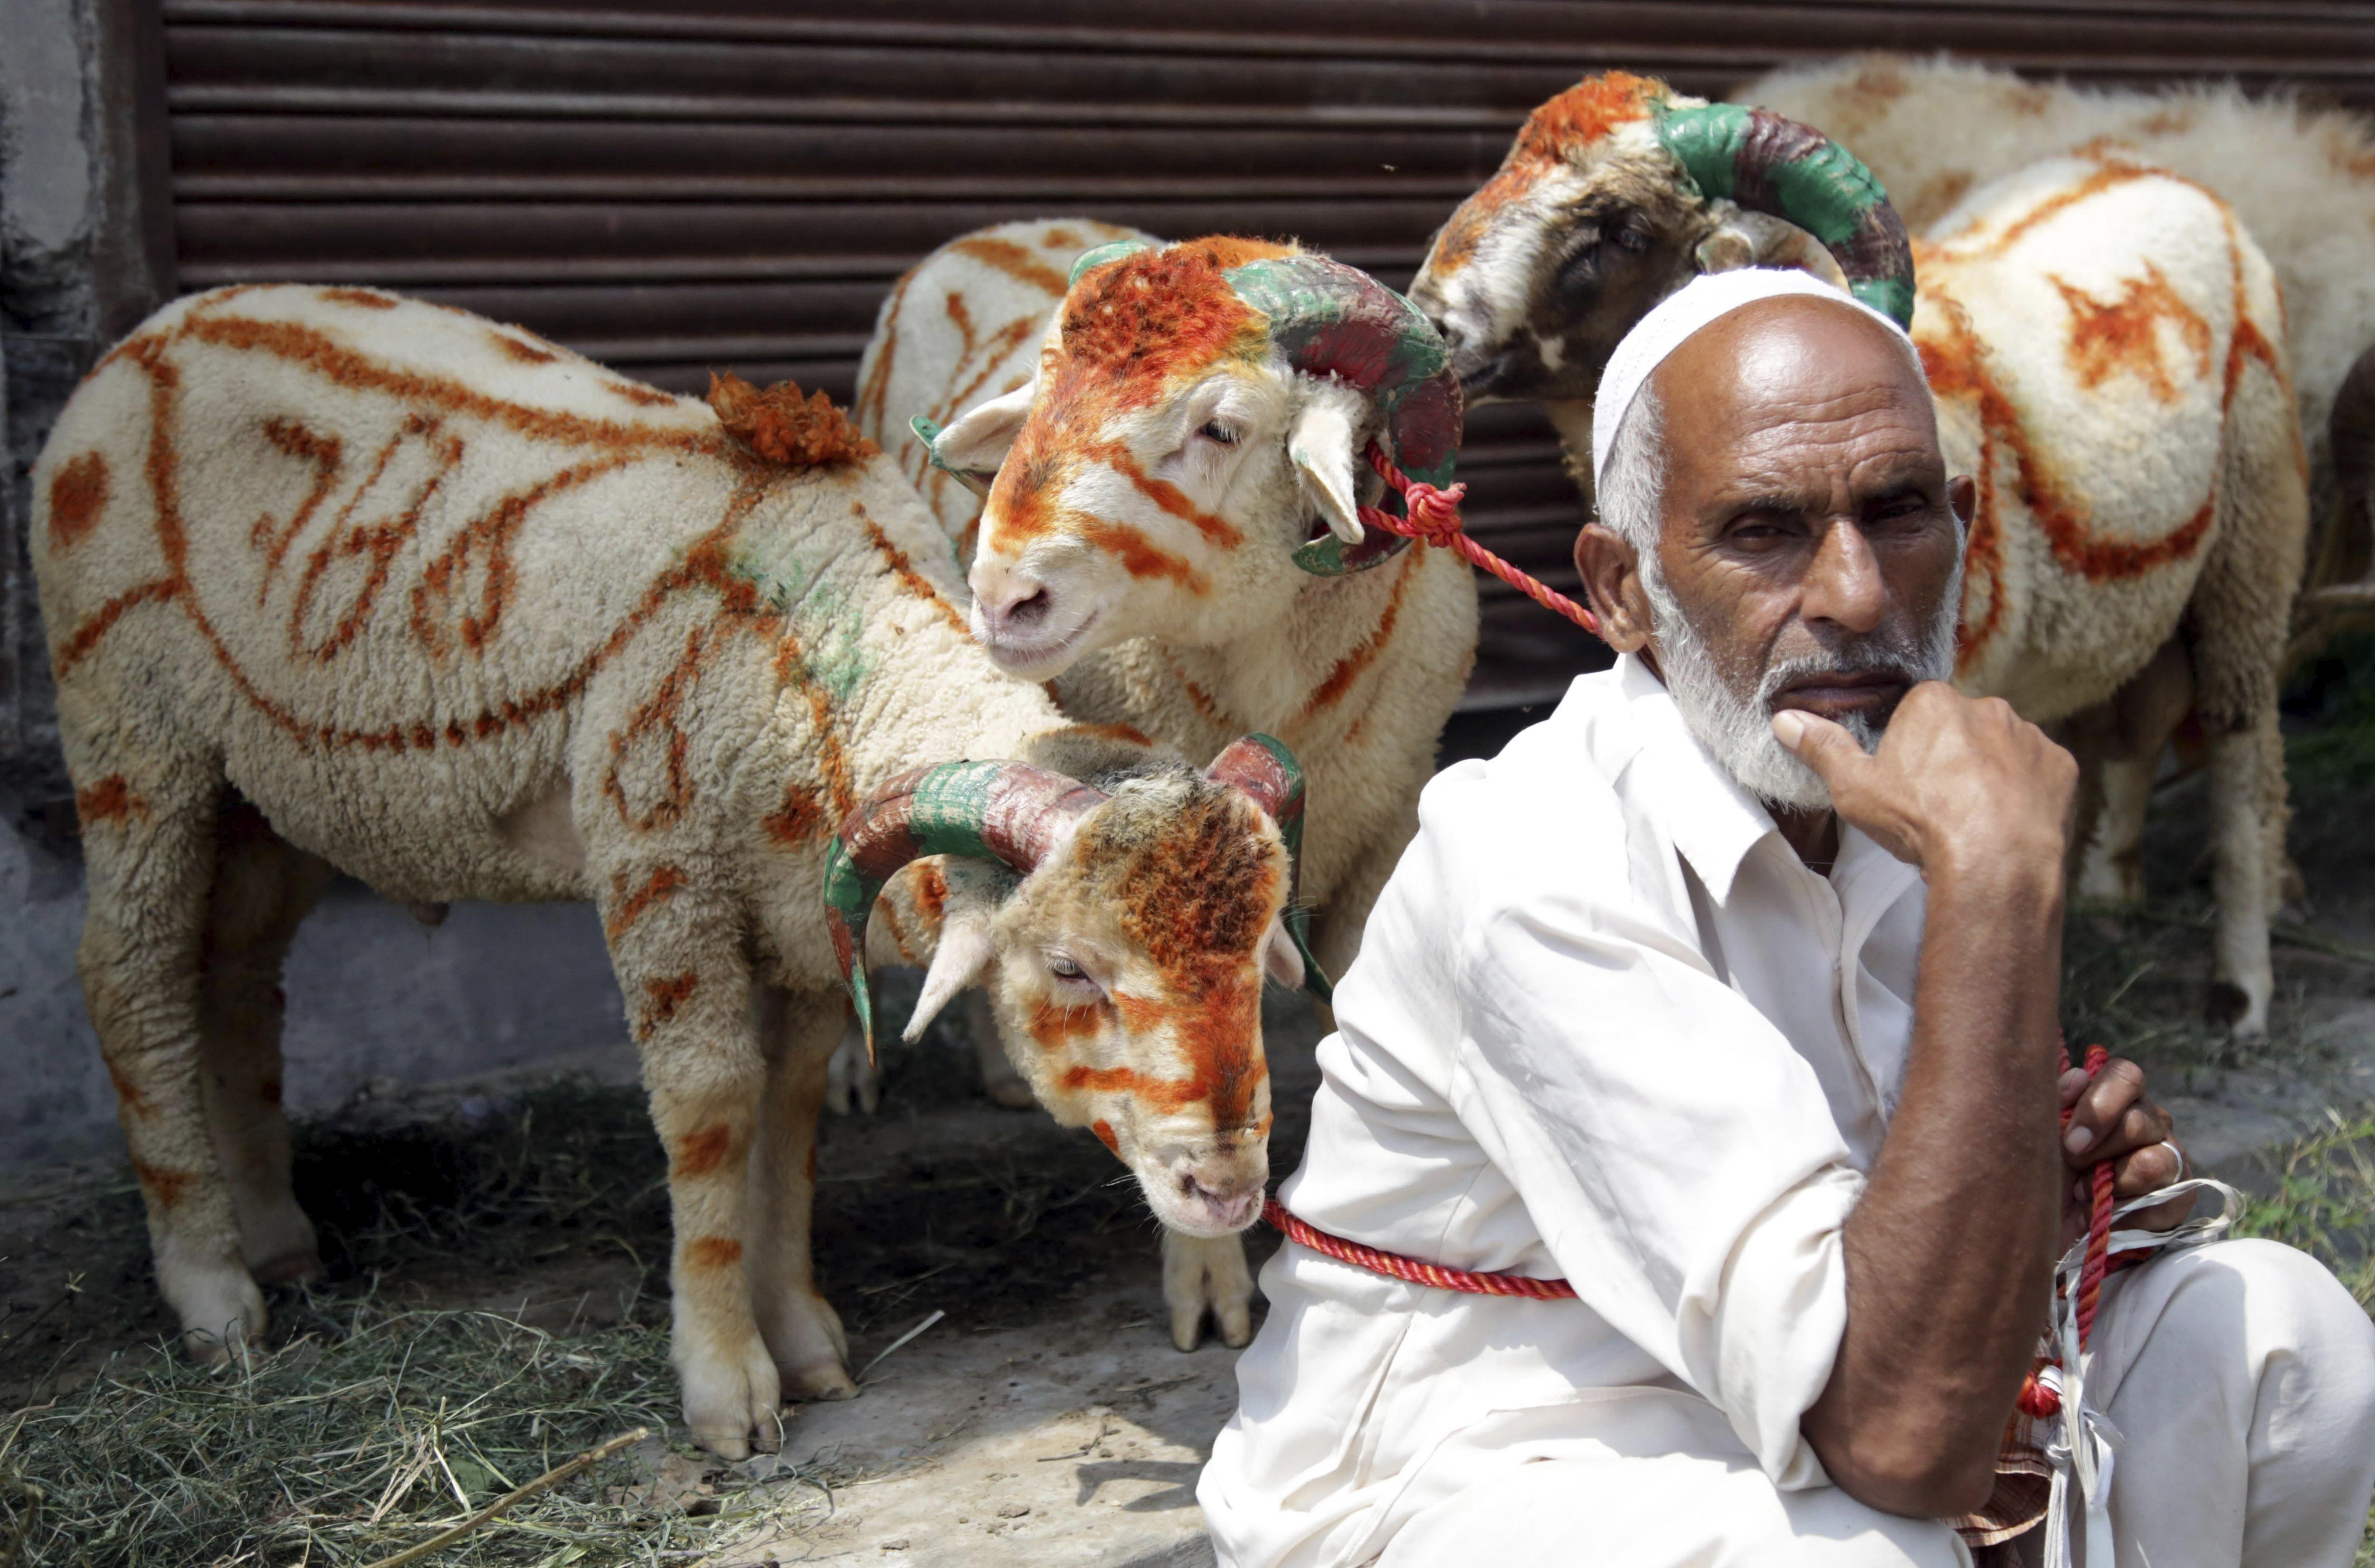 Un venedor d'ovelles en un mercat durant els preparatius per a la festivitat musulmana de l'Eid el Adha, a Jammu. /JAIPAL SINGH